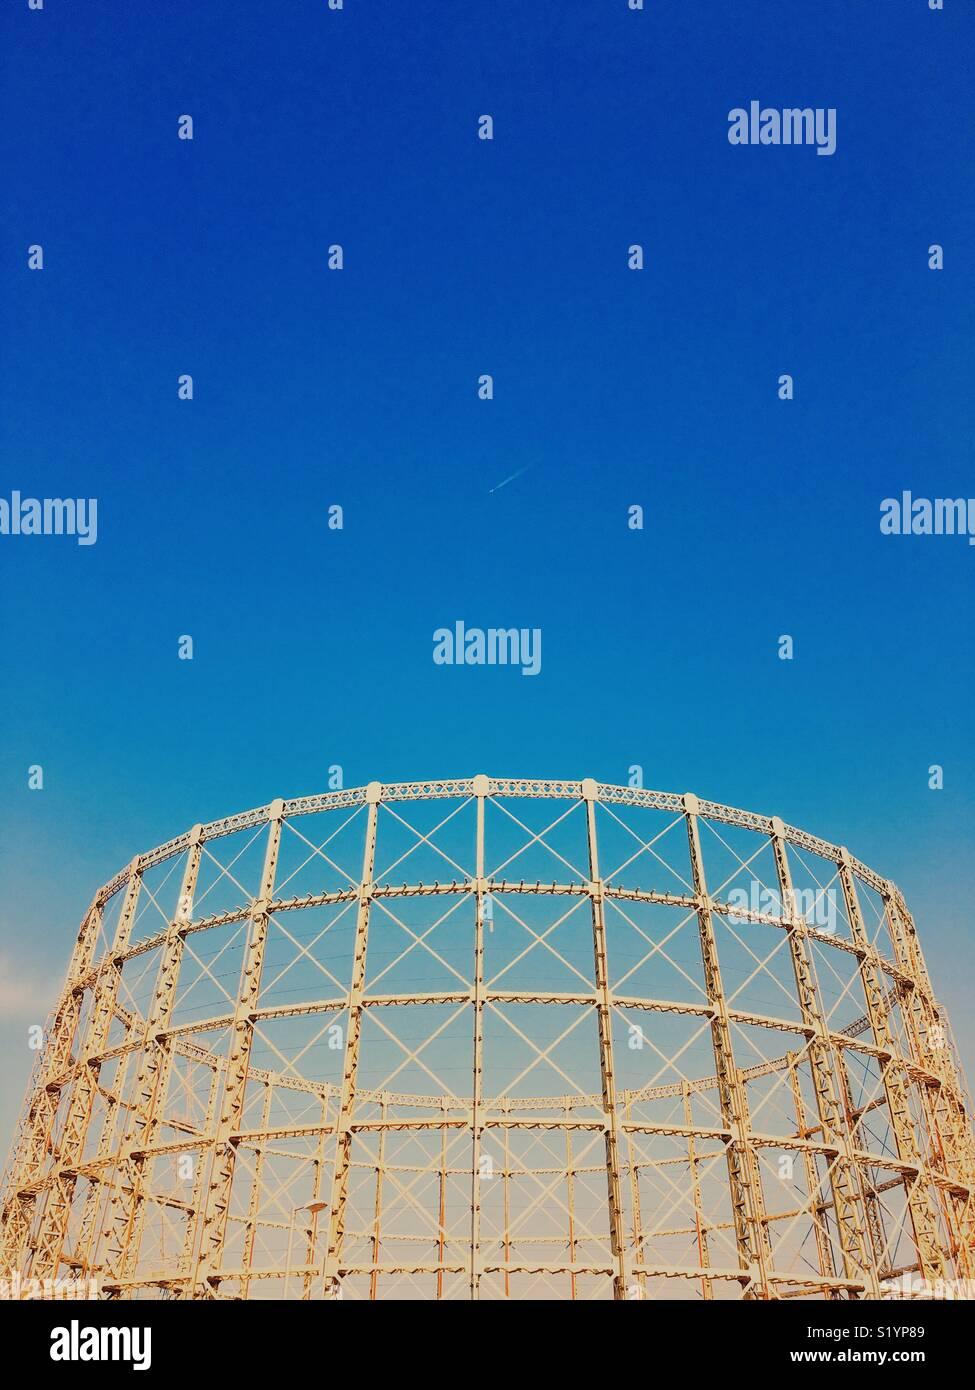 Skelett Struktur der leeren Gasometer vor einem strahlend blauen ...